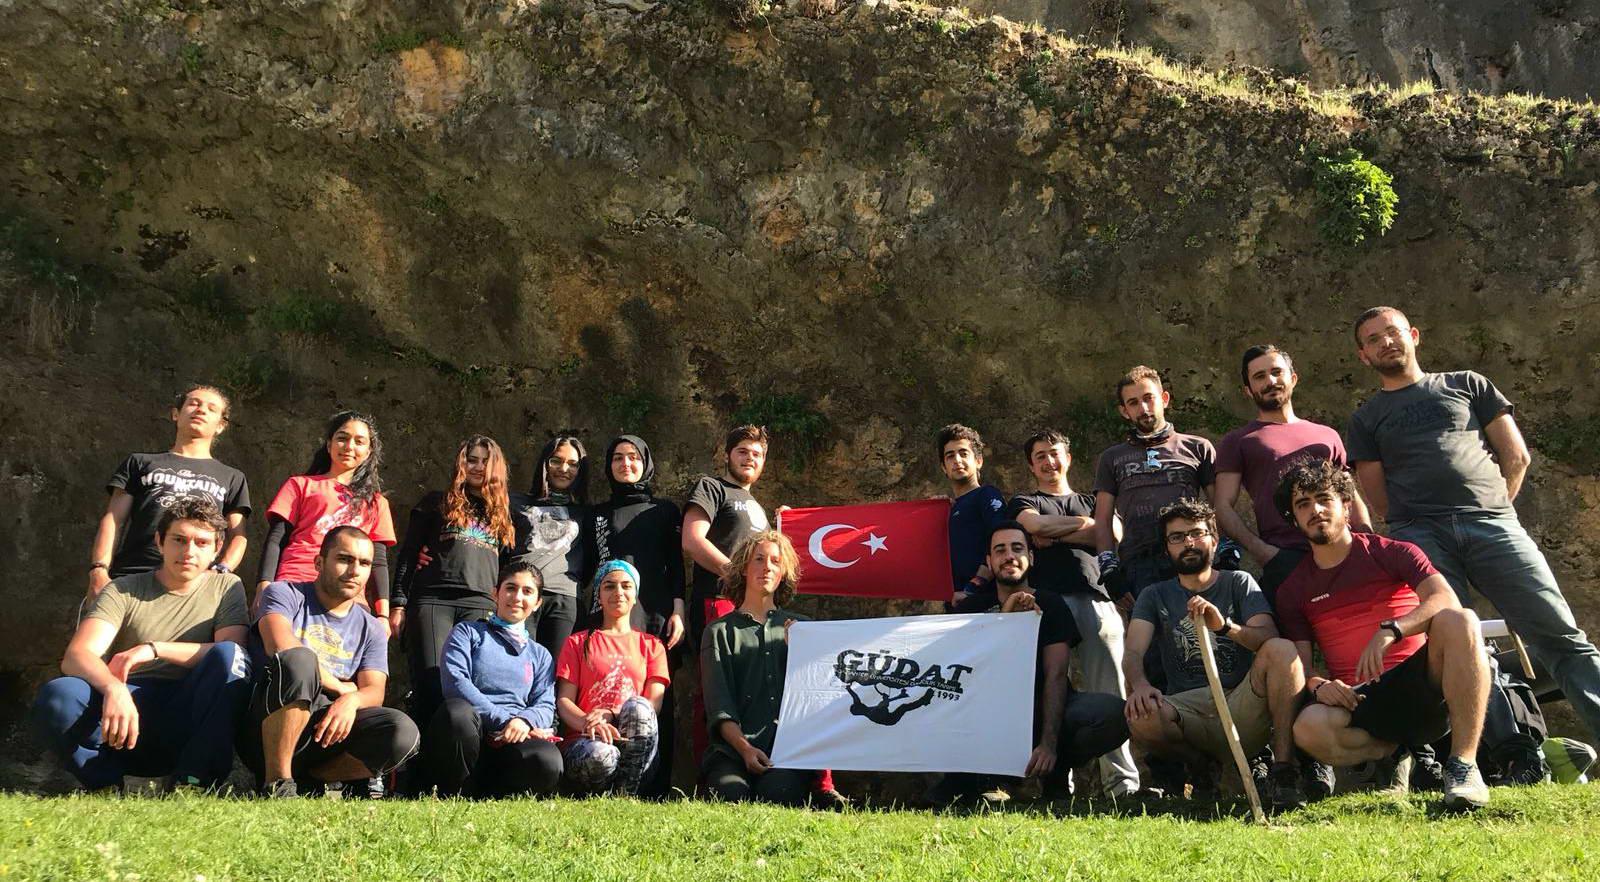 GÜDAT'IN YAZ GELİŞİM KAMPI BAŞLADI -  (1)